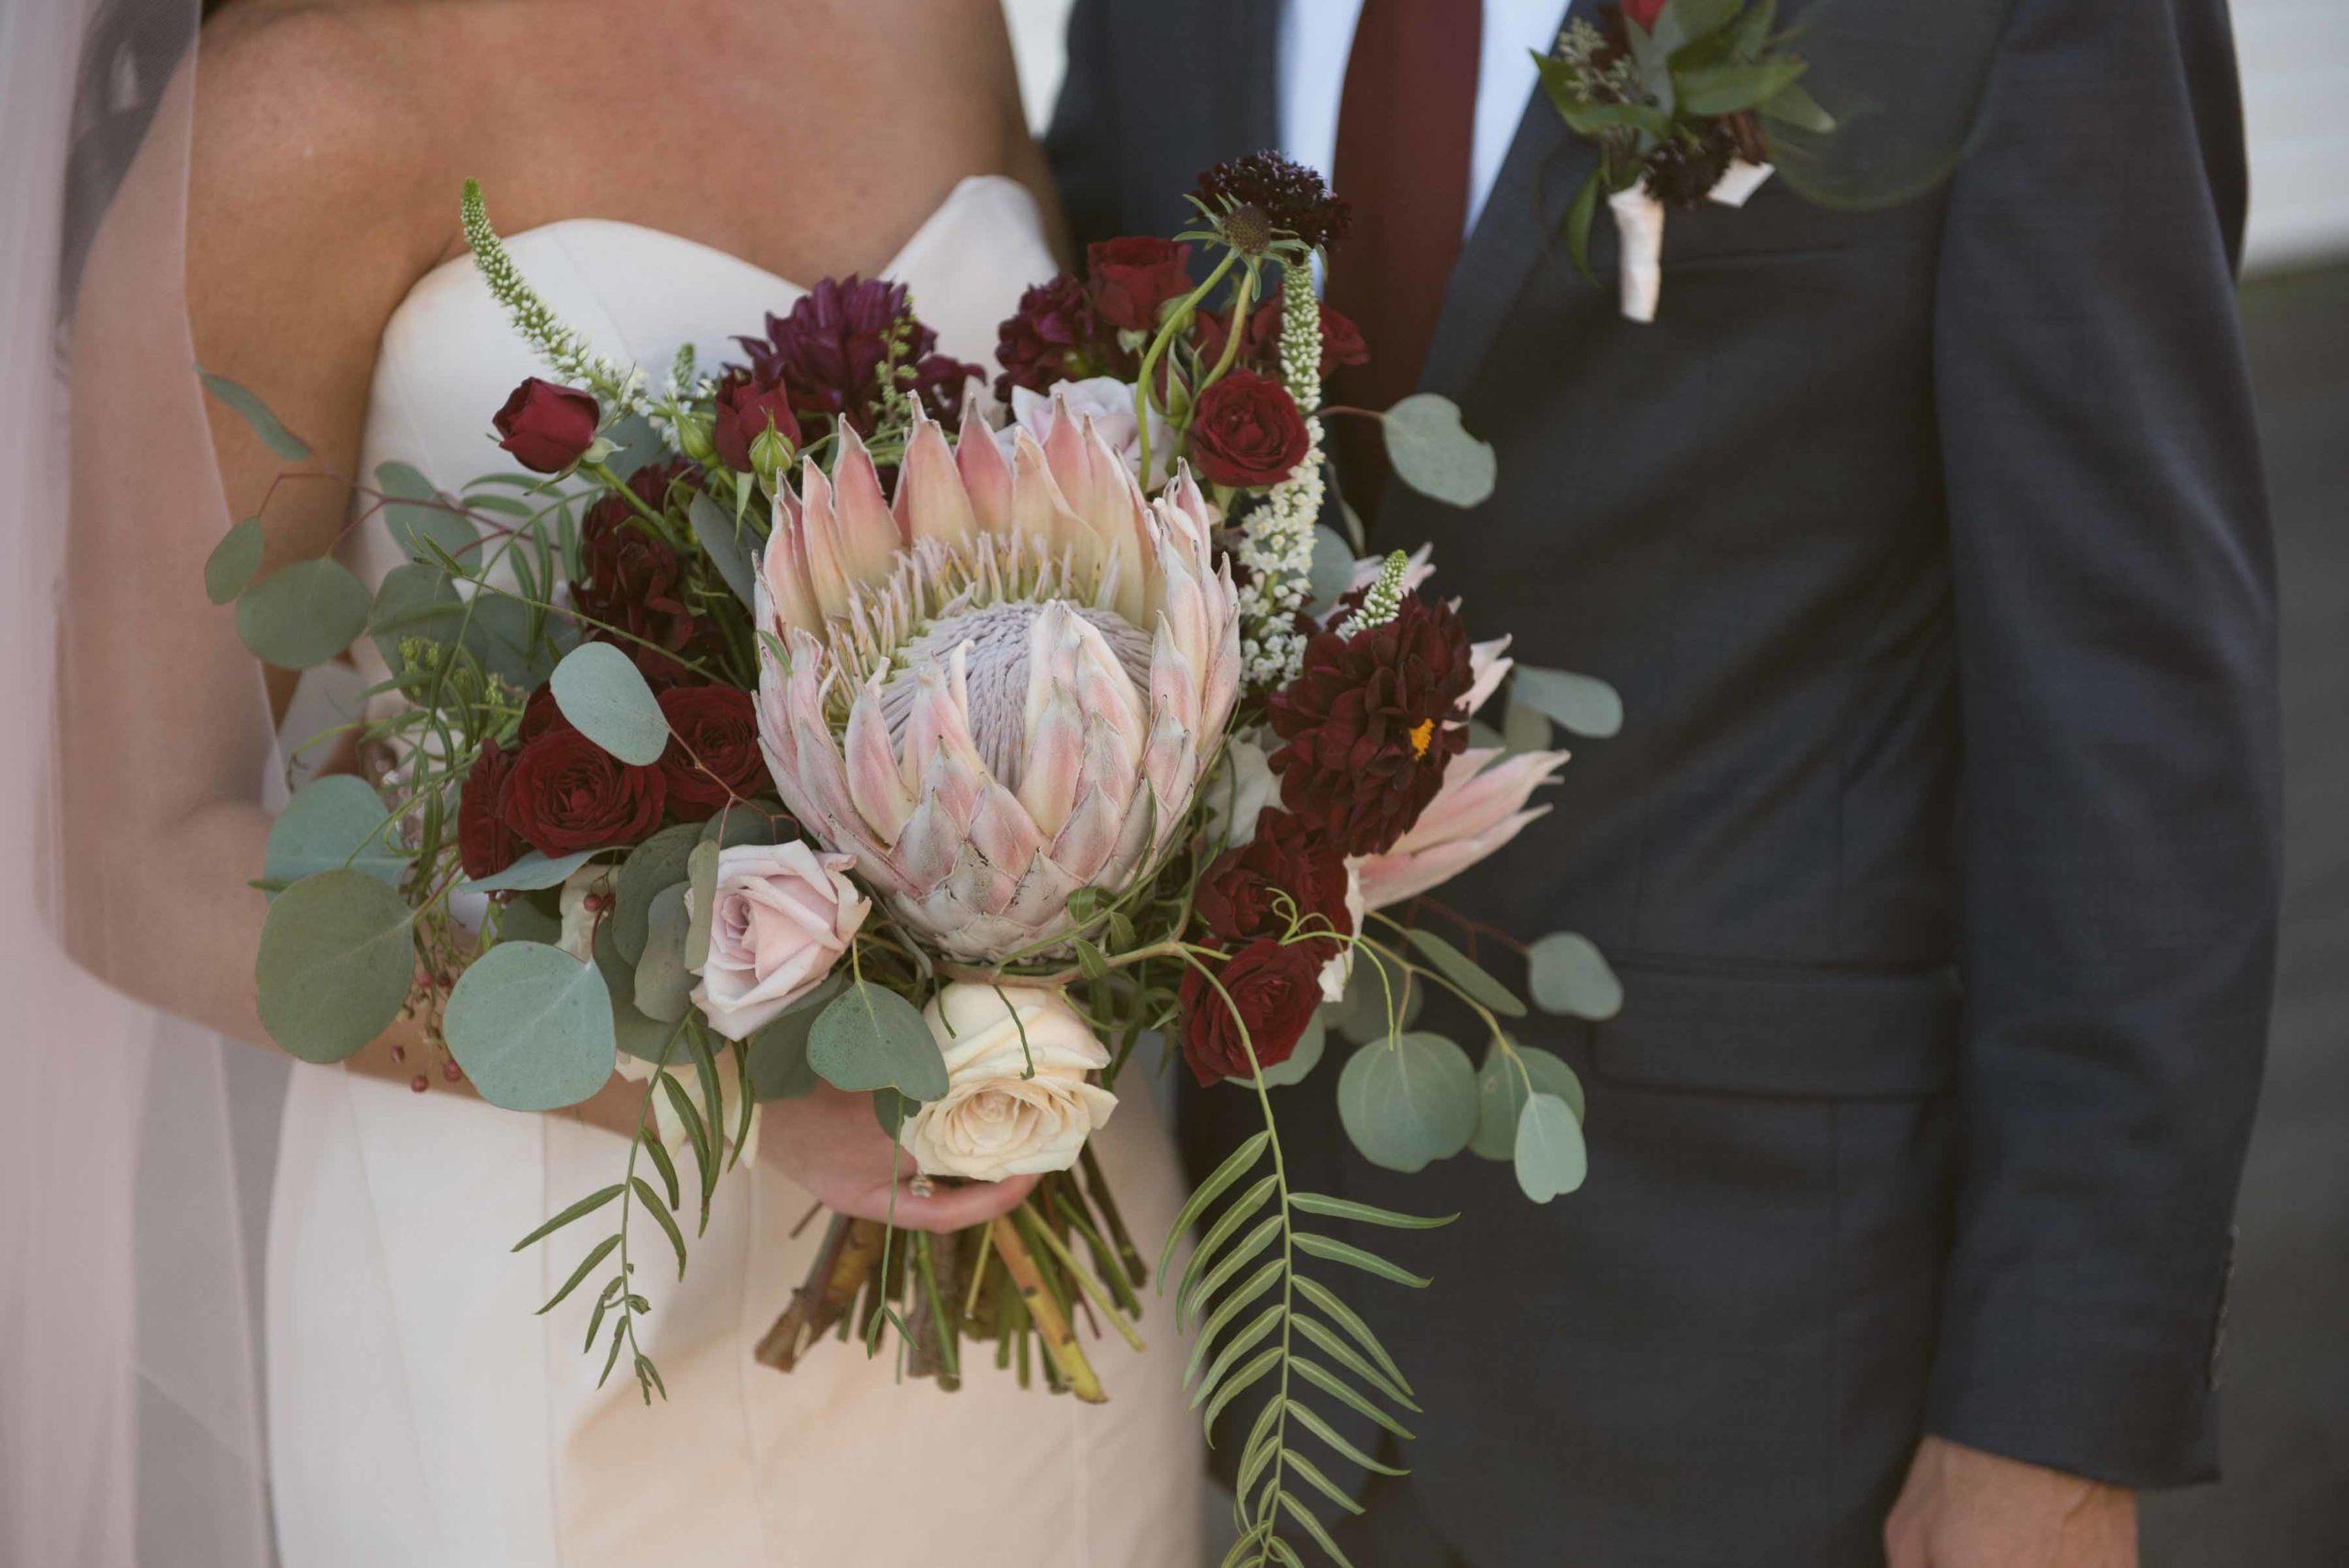 cactus-bouquet-vendors-postpone-wedding